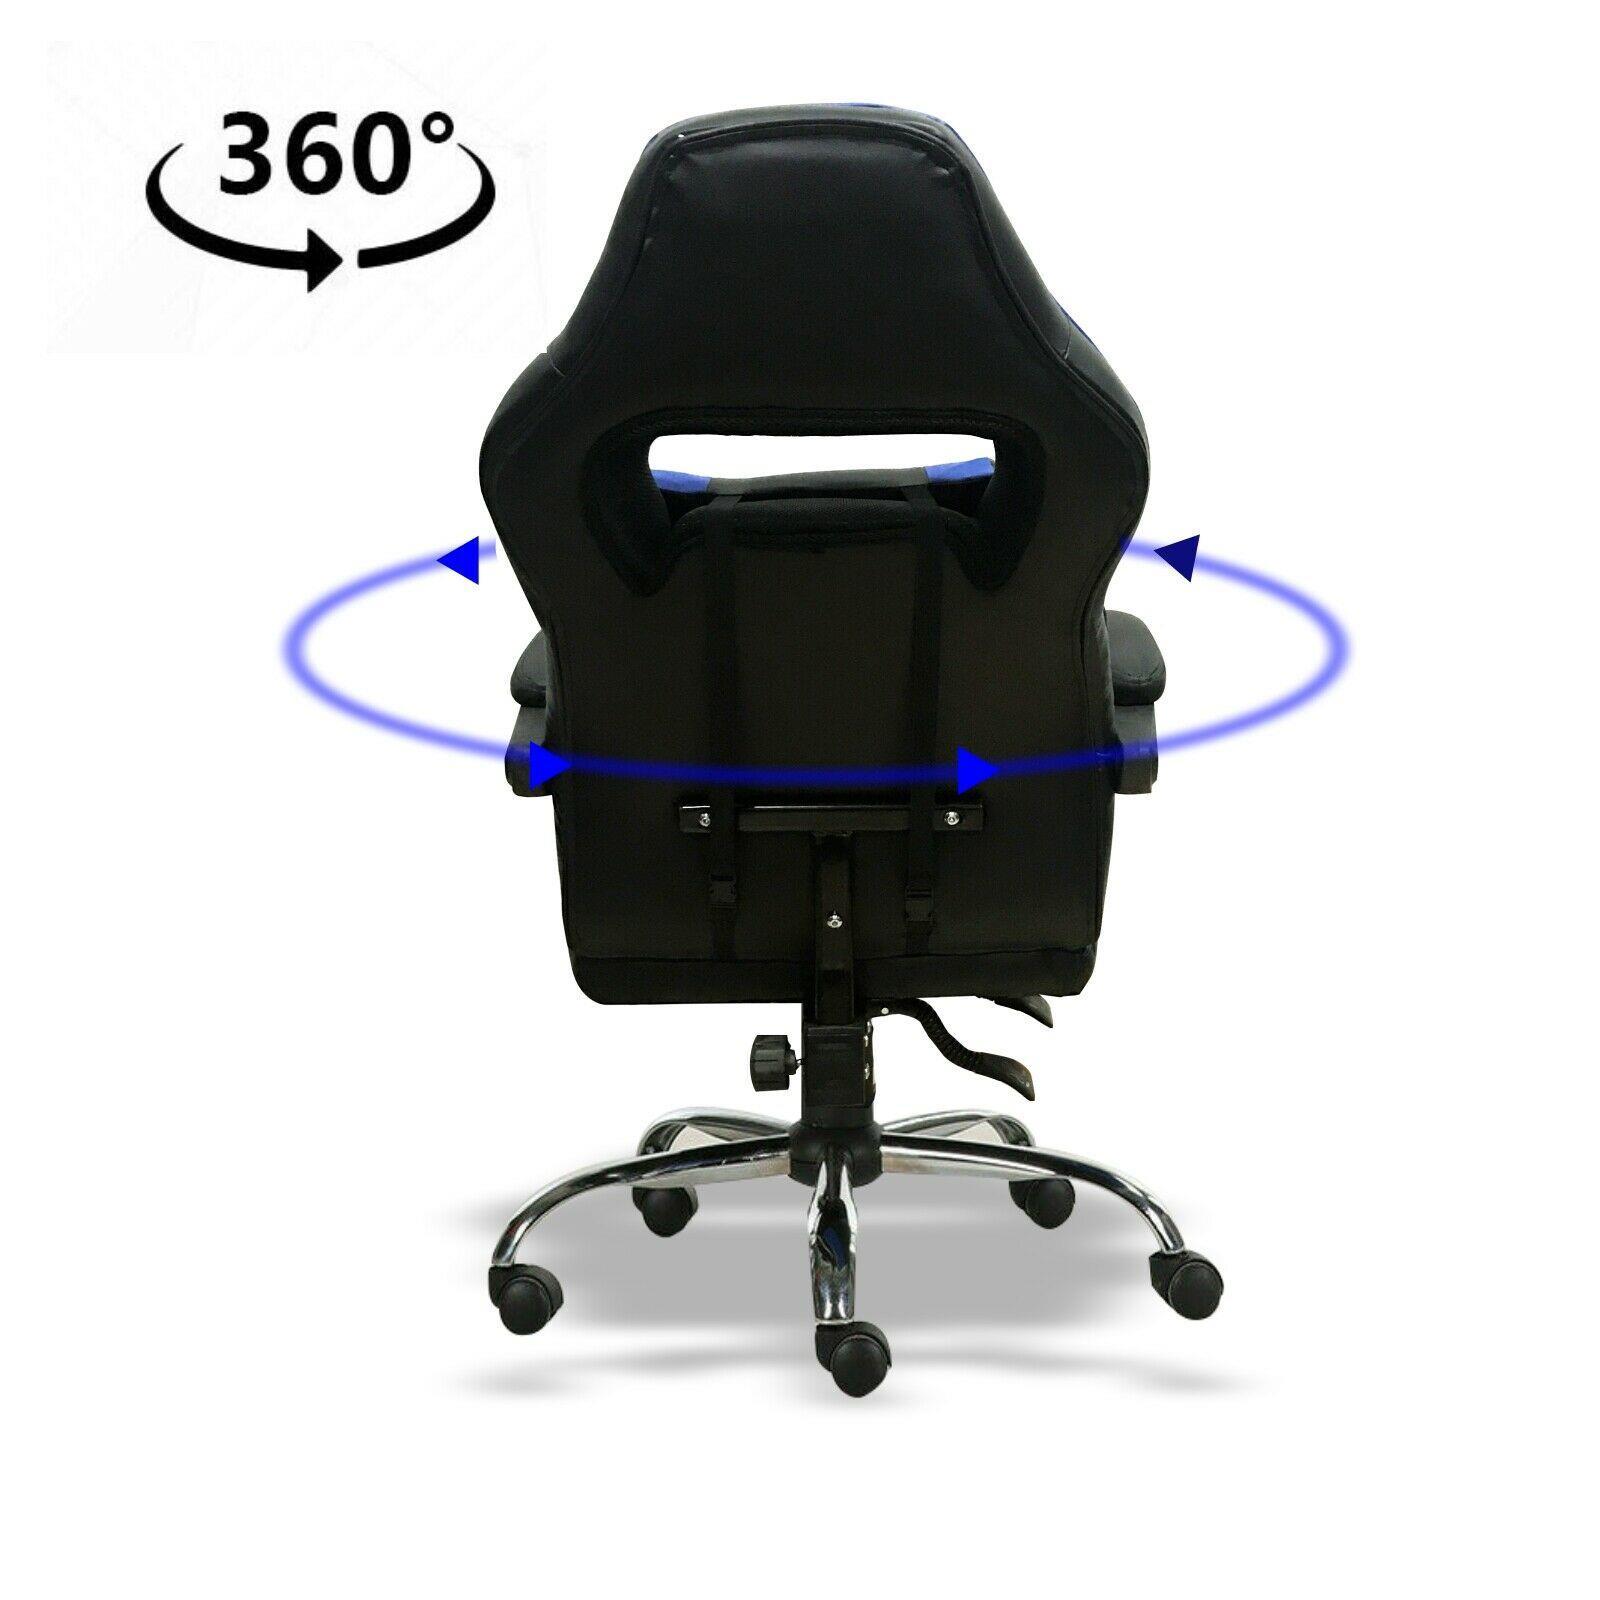 Silla-para-juegos-con-reclinable-silla-de-oficina-de-Carreras-Reposapies-Computadora-Escritorio miniatura 12